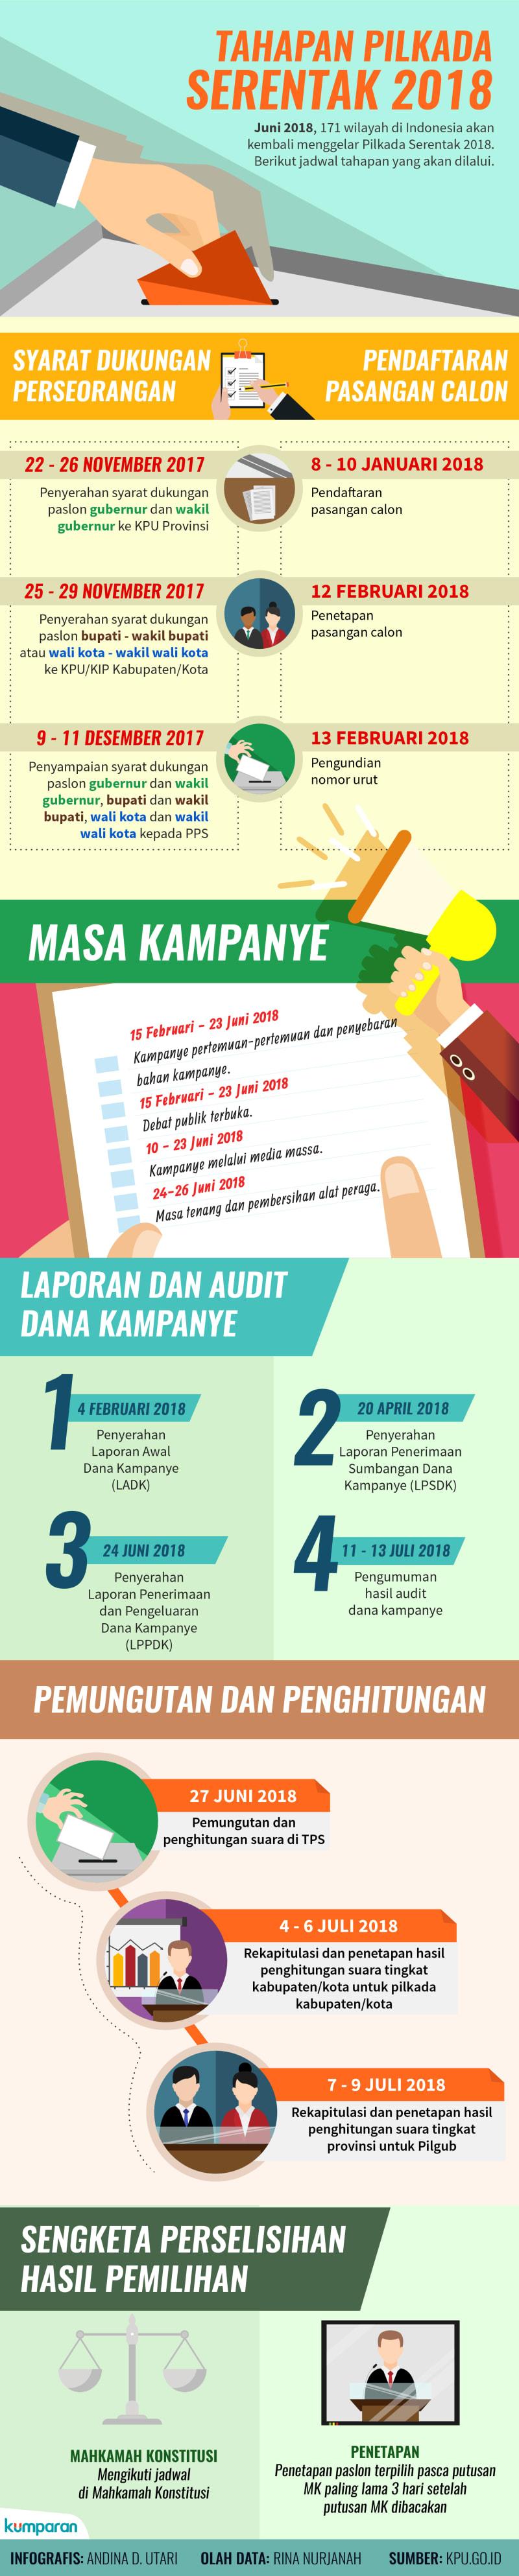 Infografis Tahapan Pilkada Serentak 2018